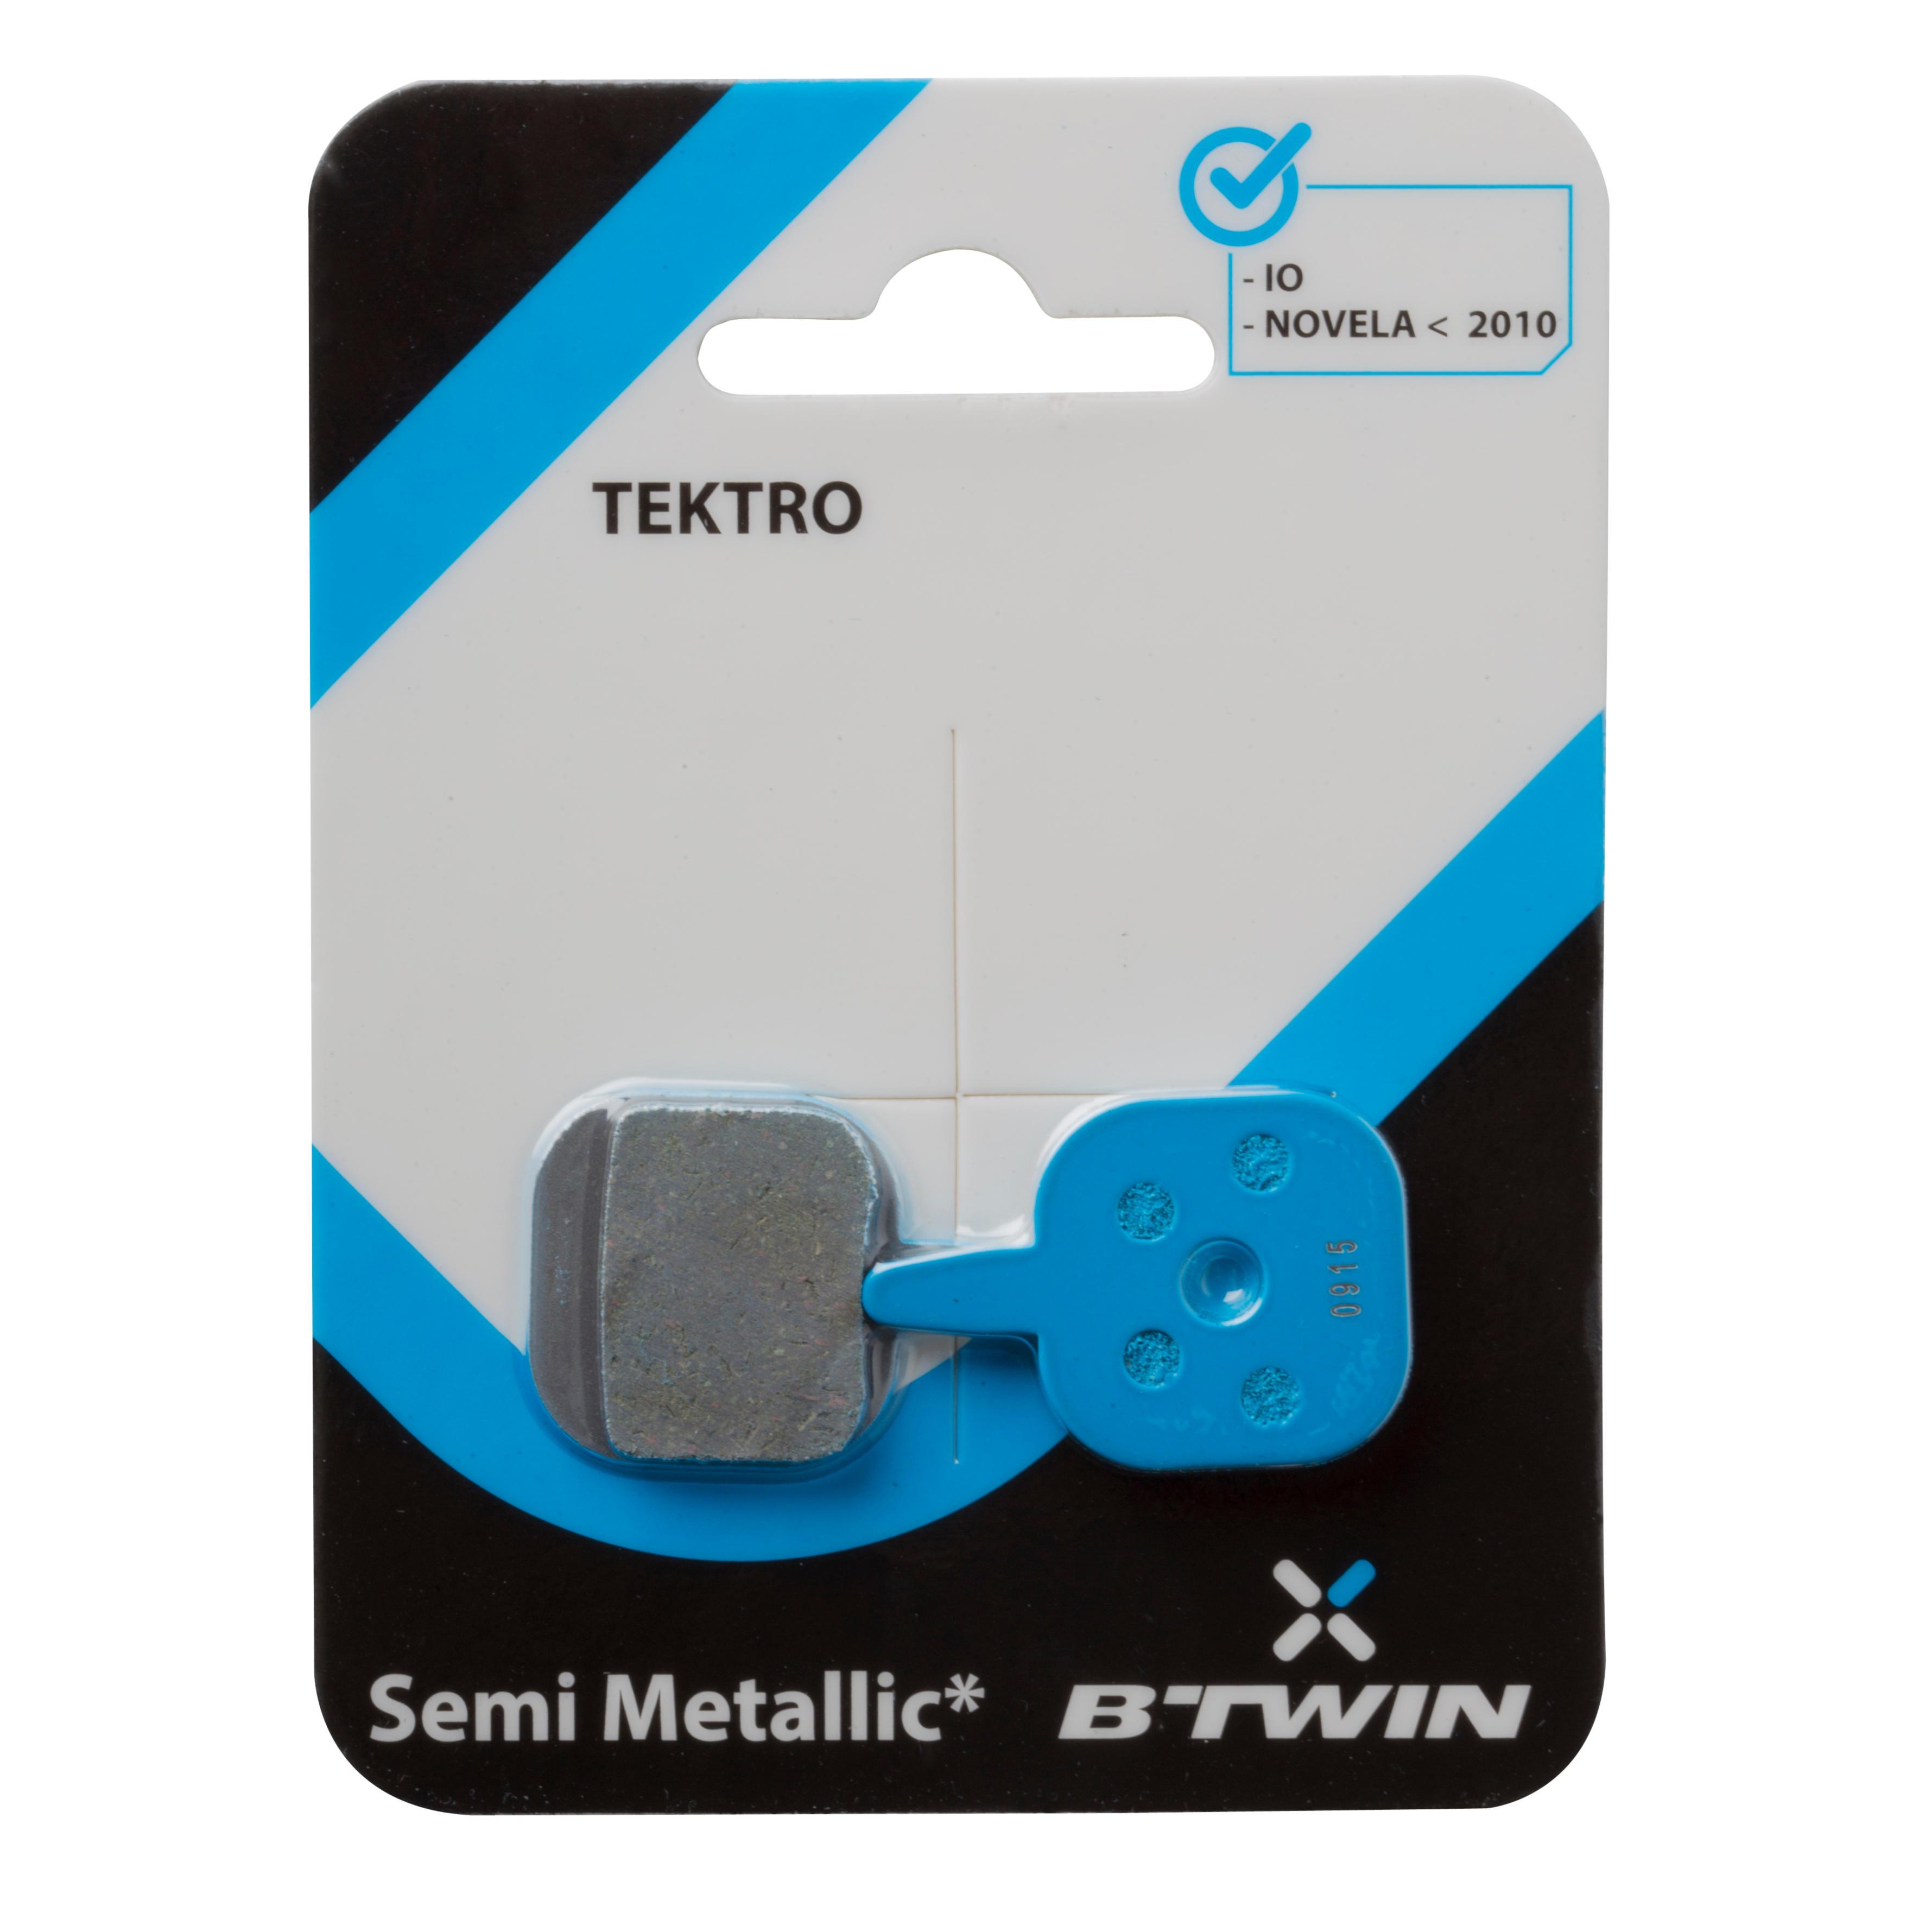 B'twin Schijfremblokken Tektro IO/NOVELA voor 2010 kopen